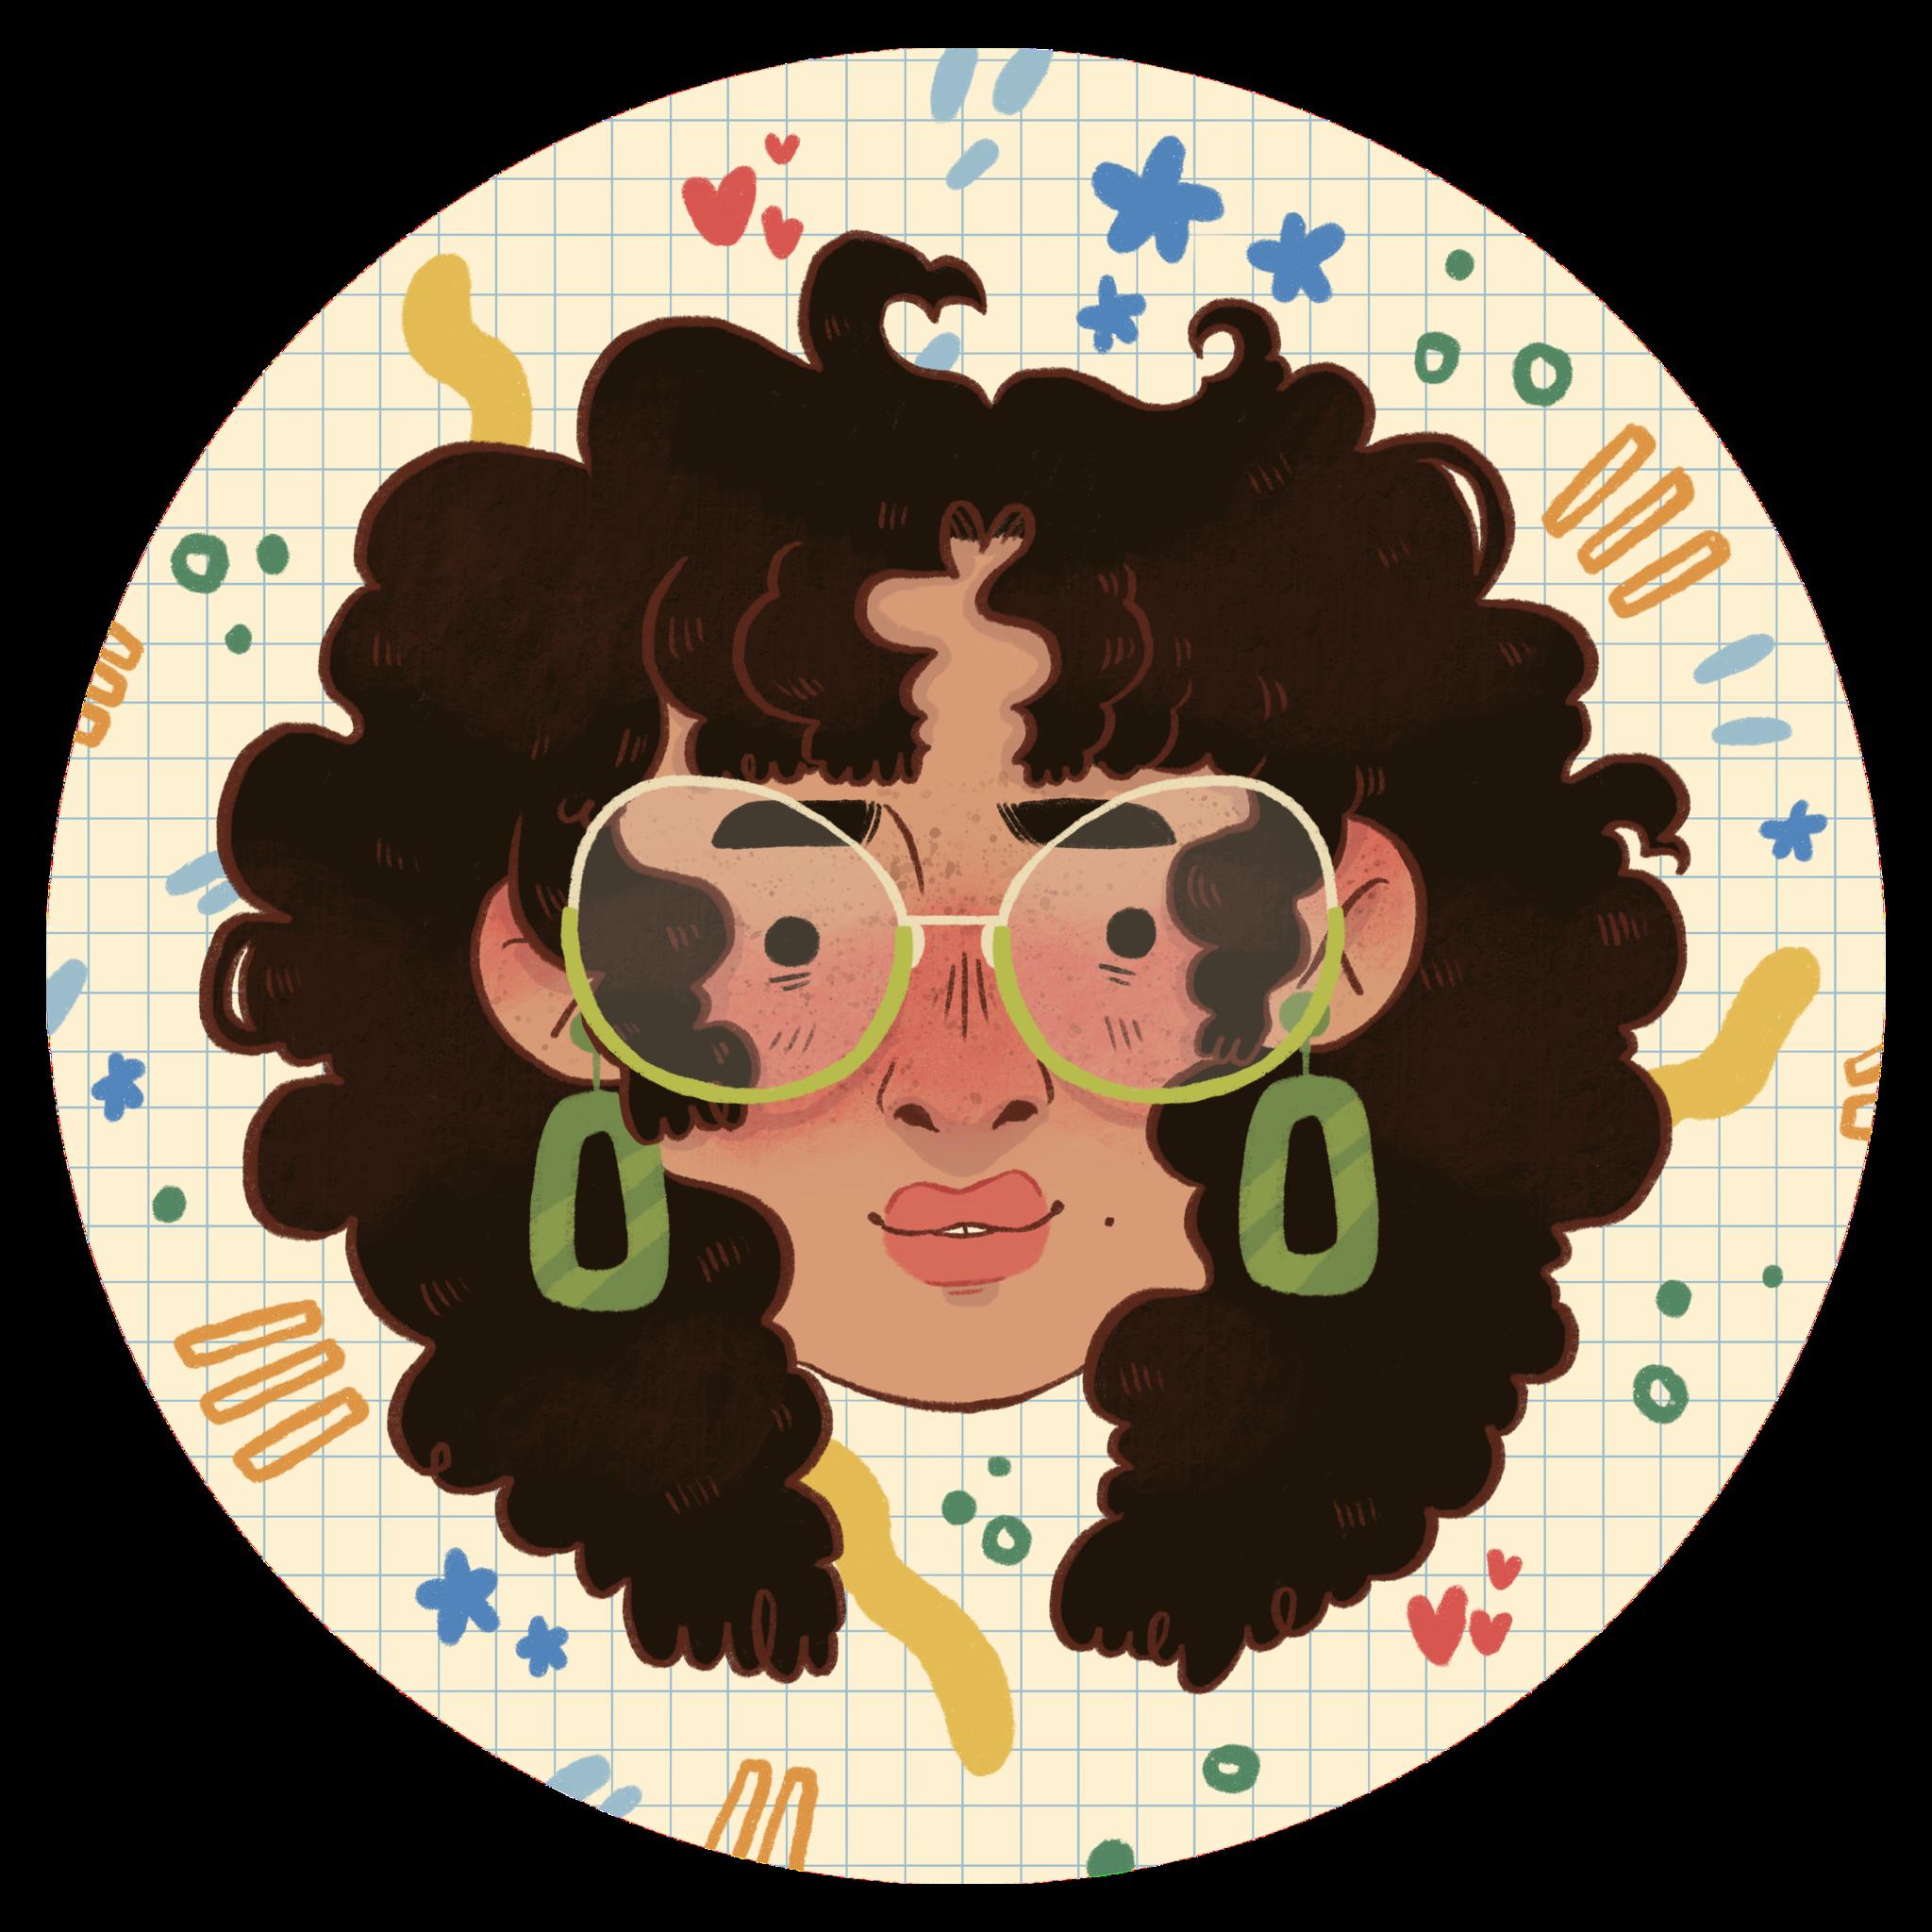 Featured Artist: Manifest 2021 Creative Director, Sol Salinas